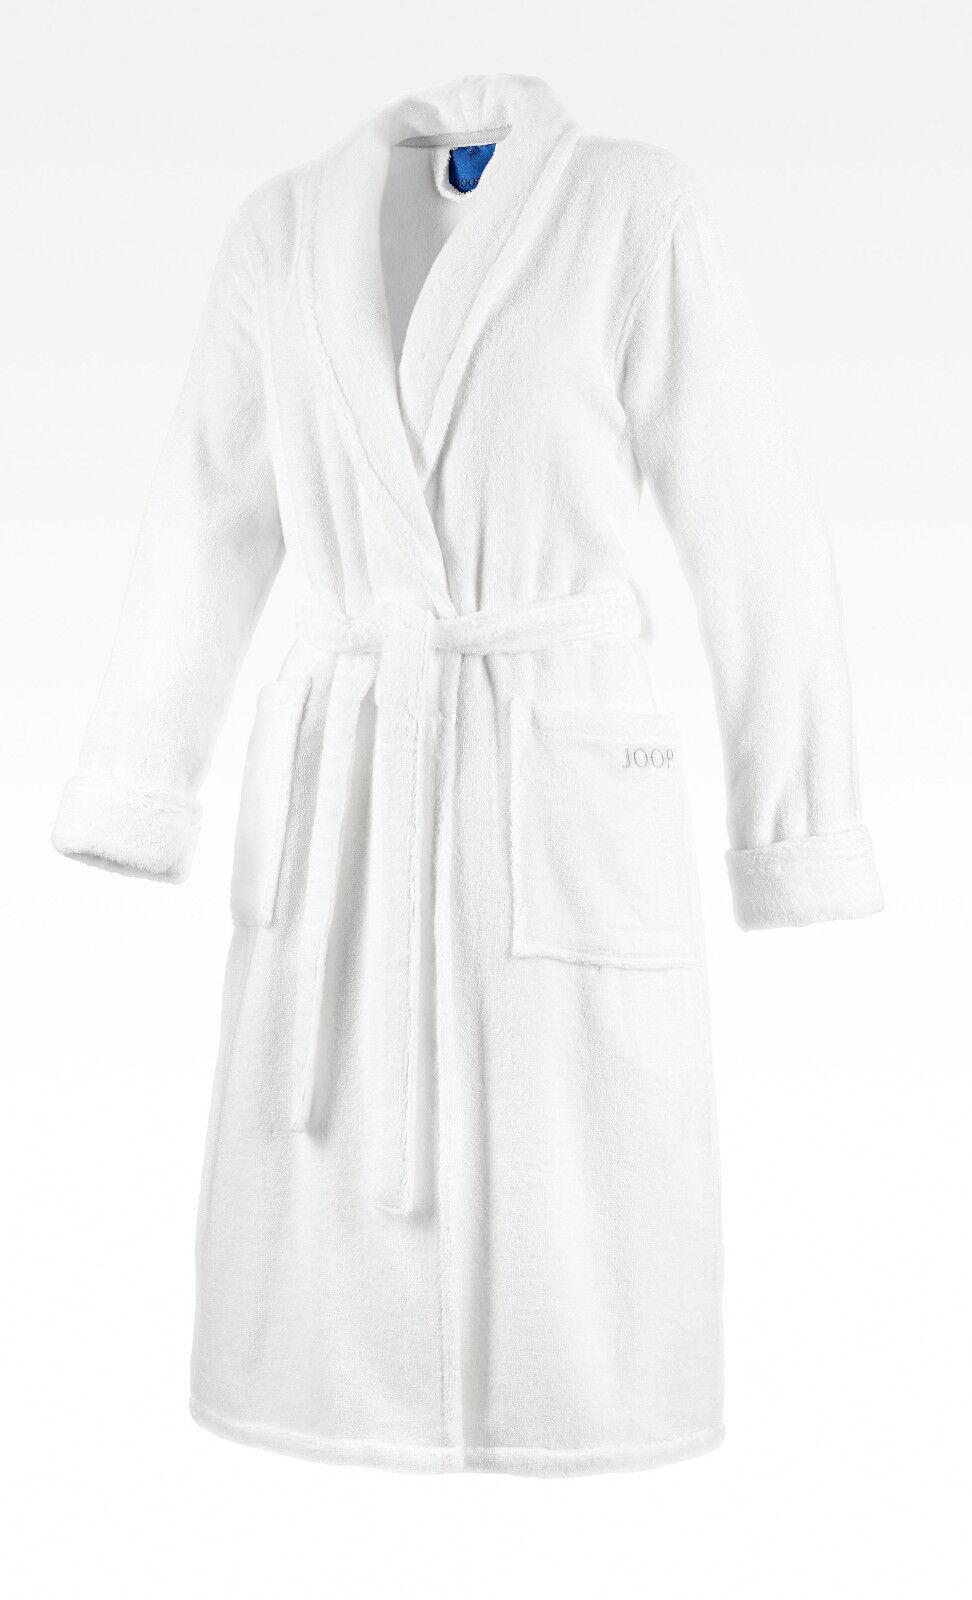 JOOP 1650 Damen Bademantel Größe 44 / 46 L Farbe Weiß mit Schalkragen NEU